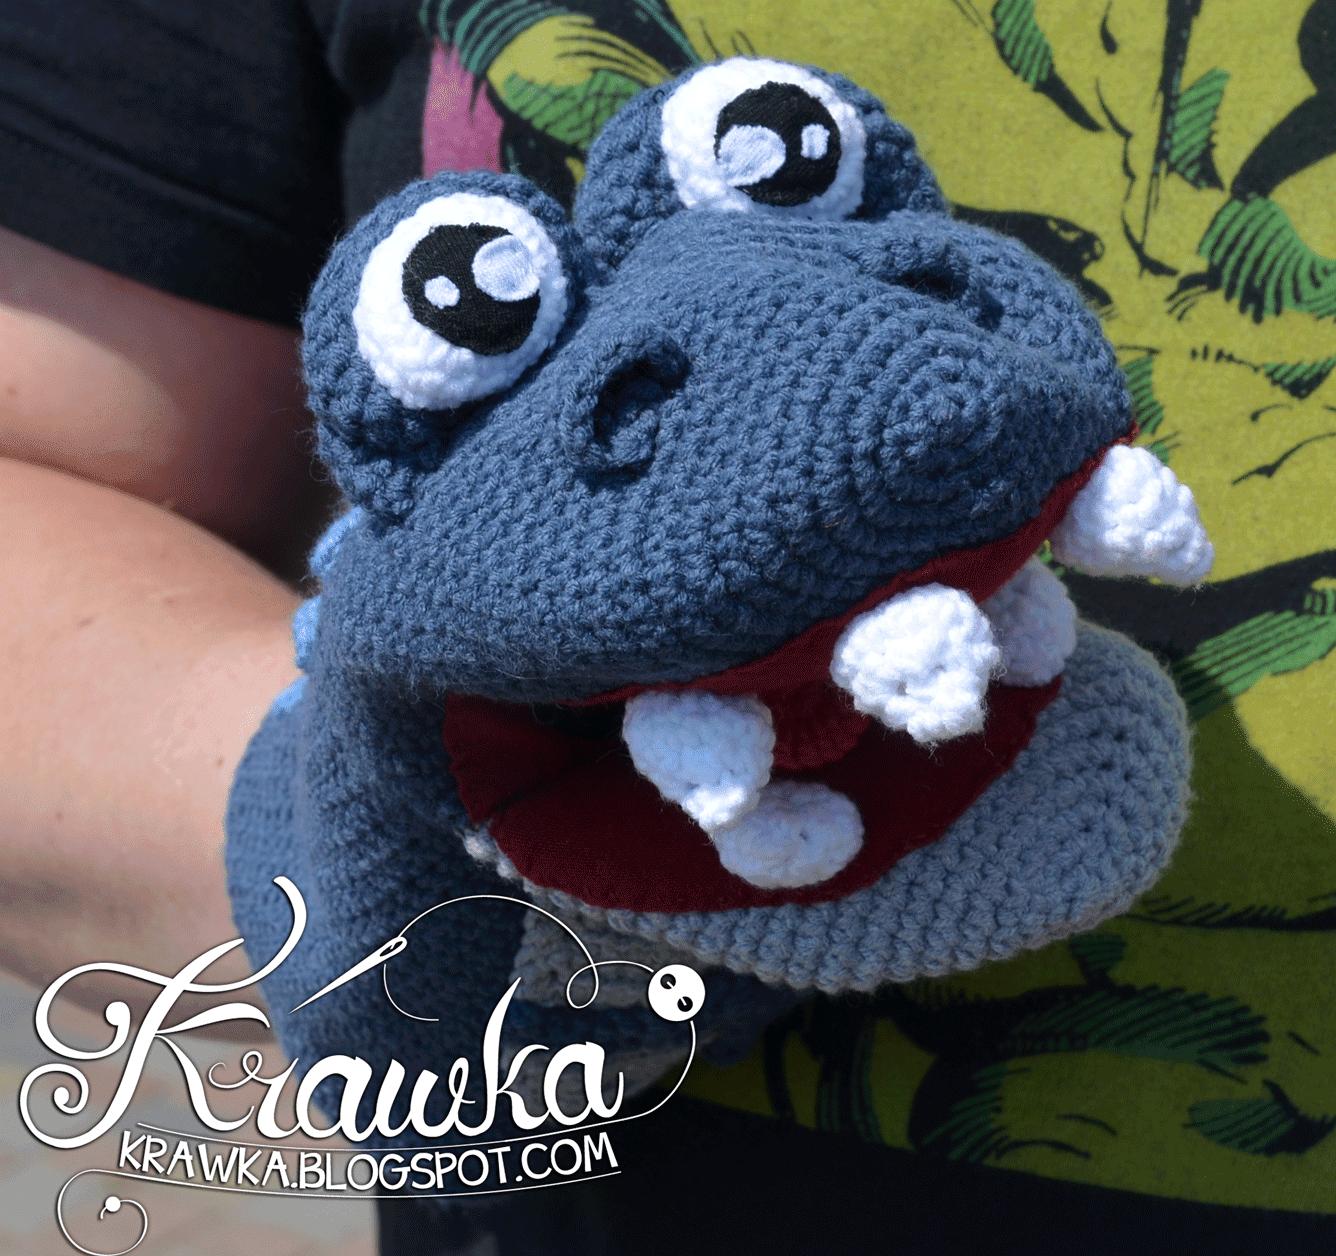 Kukiełka na ręke wykonana na szydełku granatowy dinozaur z dużymi zębami, językiem i czarnym gardłem. Hand made puppet crocheted in shepe of dinosaur. Crochet dino, amigurumi hand puppet